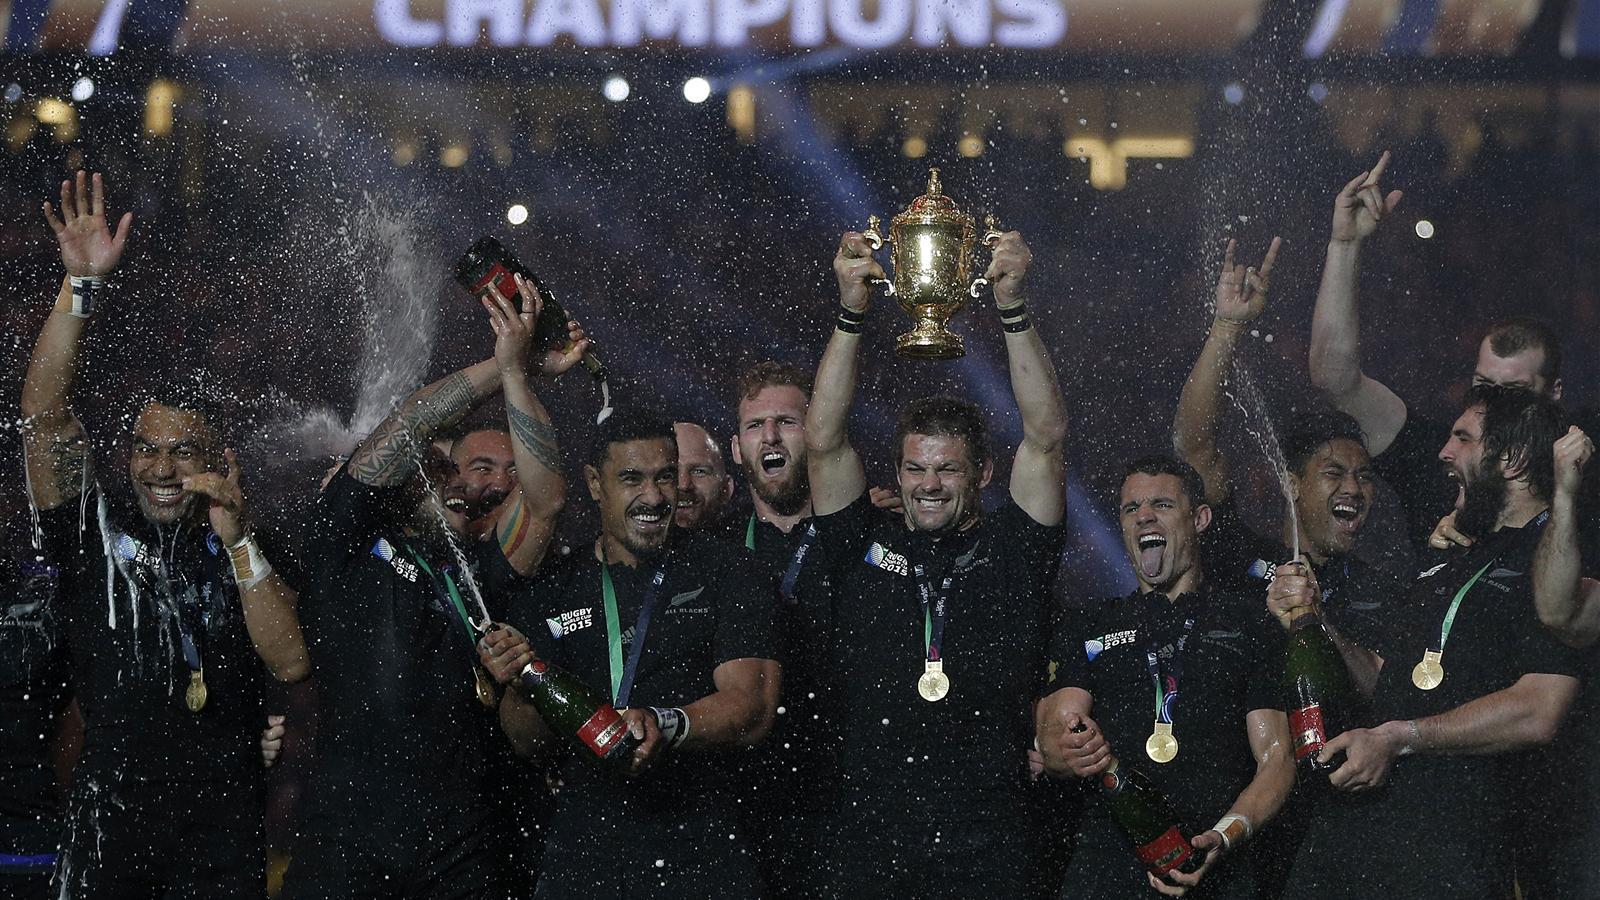 Coupe du monde 2019 tirage au sort des groupes en mai - Tirage au sort coupe du monde rugby 2015 ...